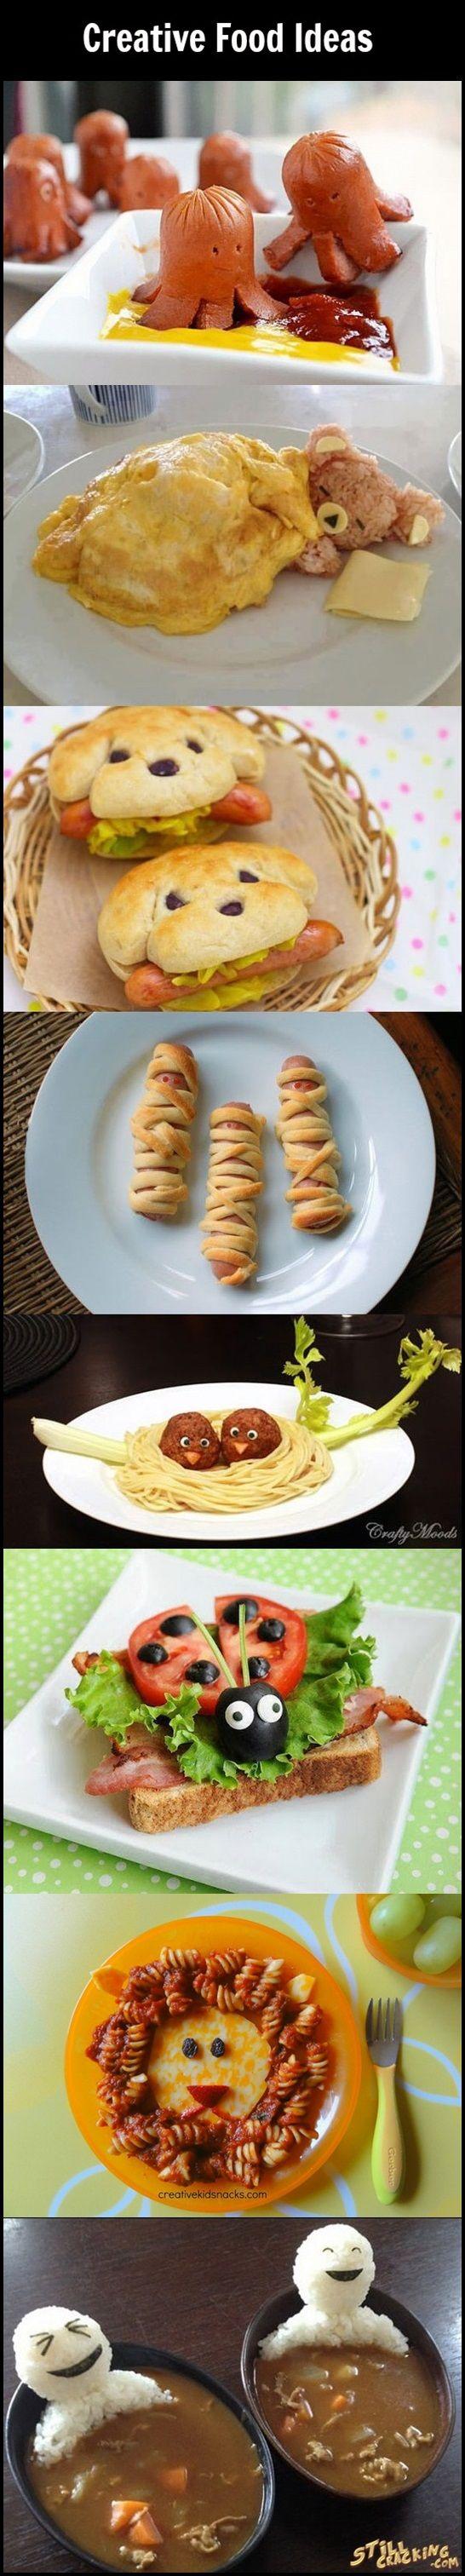 Tolle Ideen Fur Kindergeburtstag Essen Deko Kids Birthday Party Creative Food Ideas